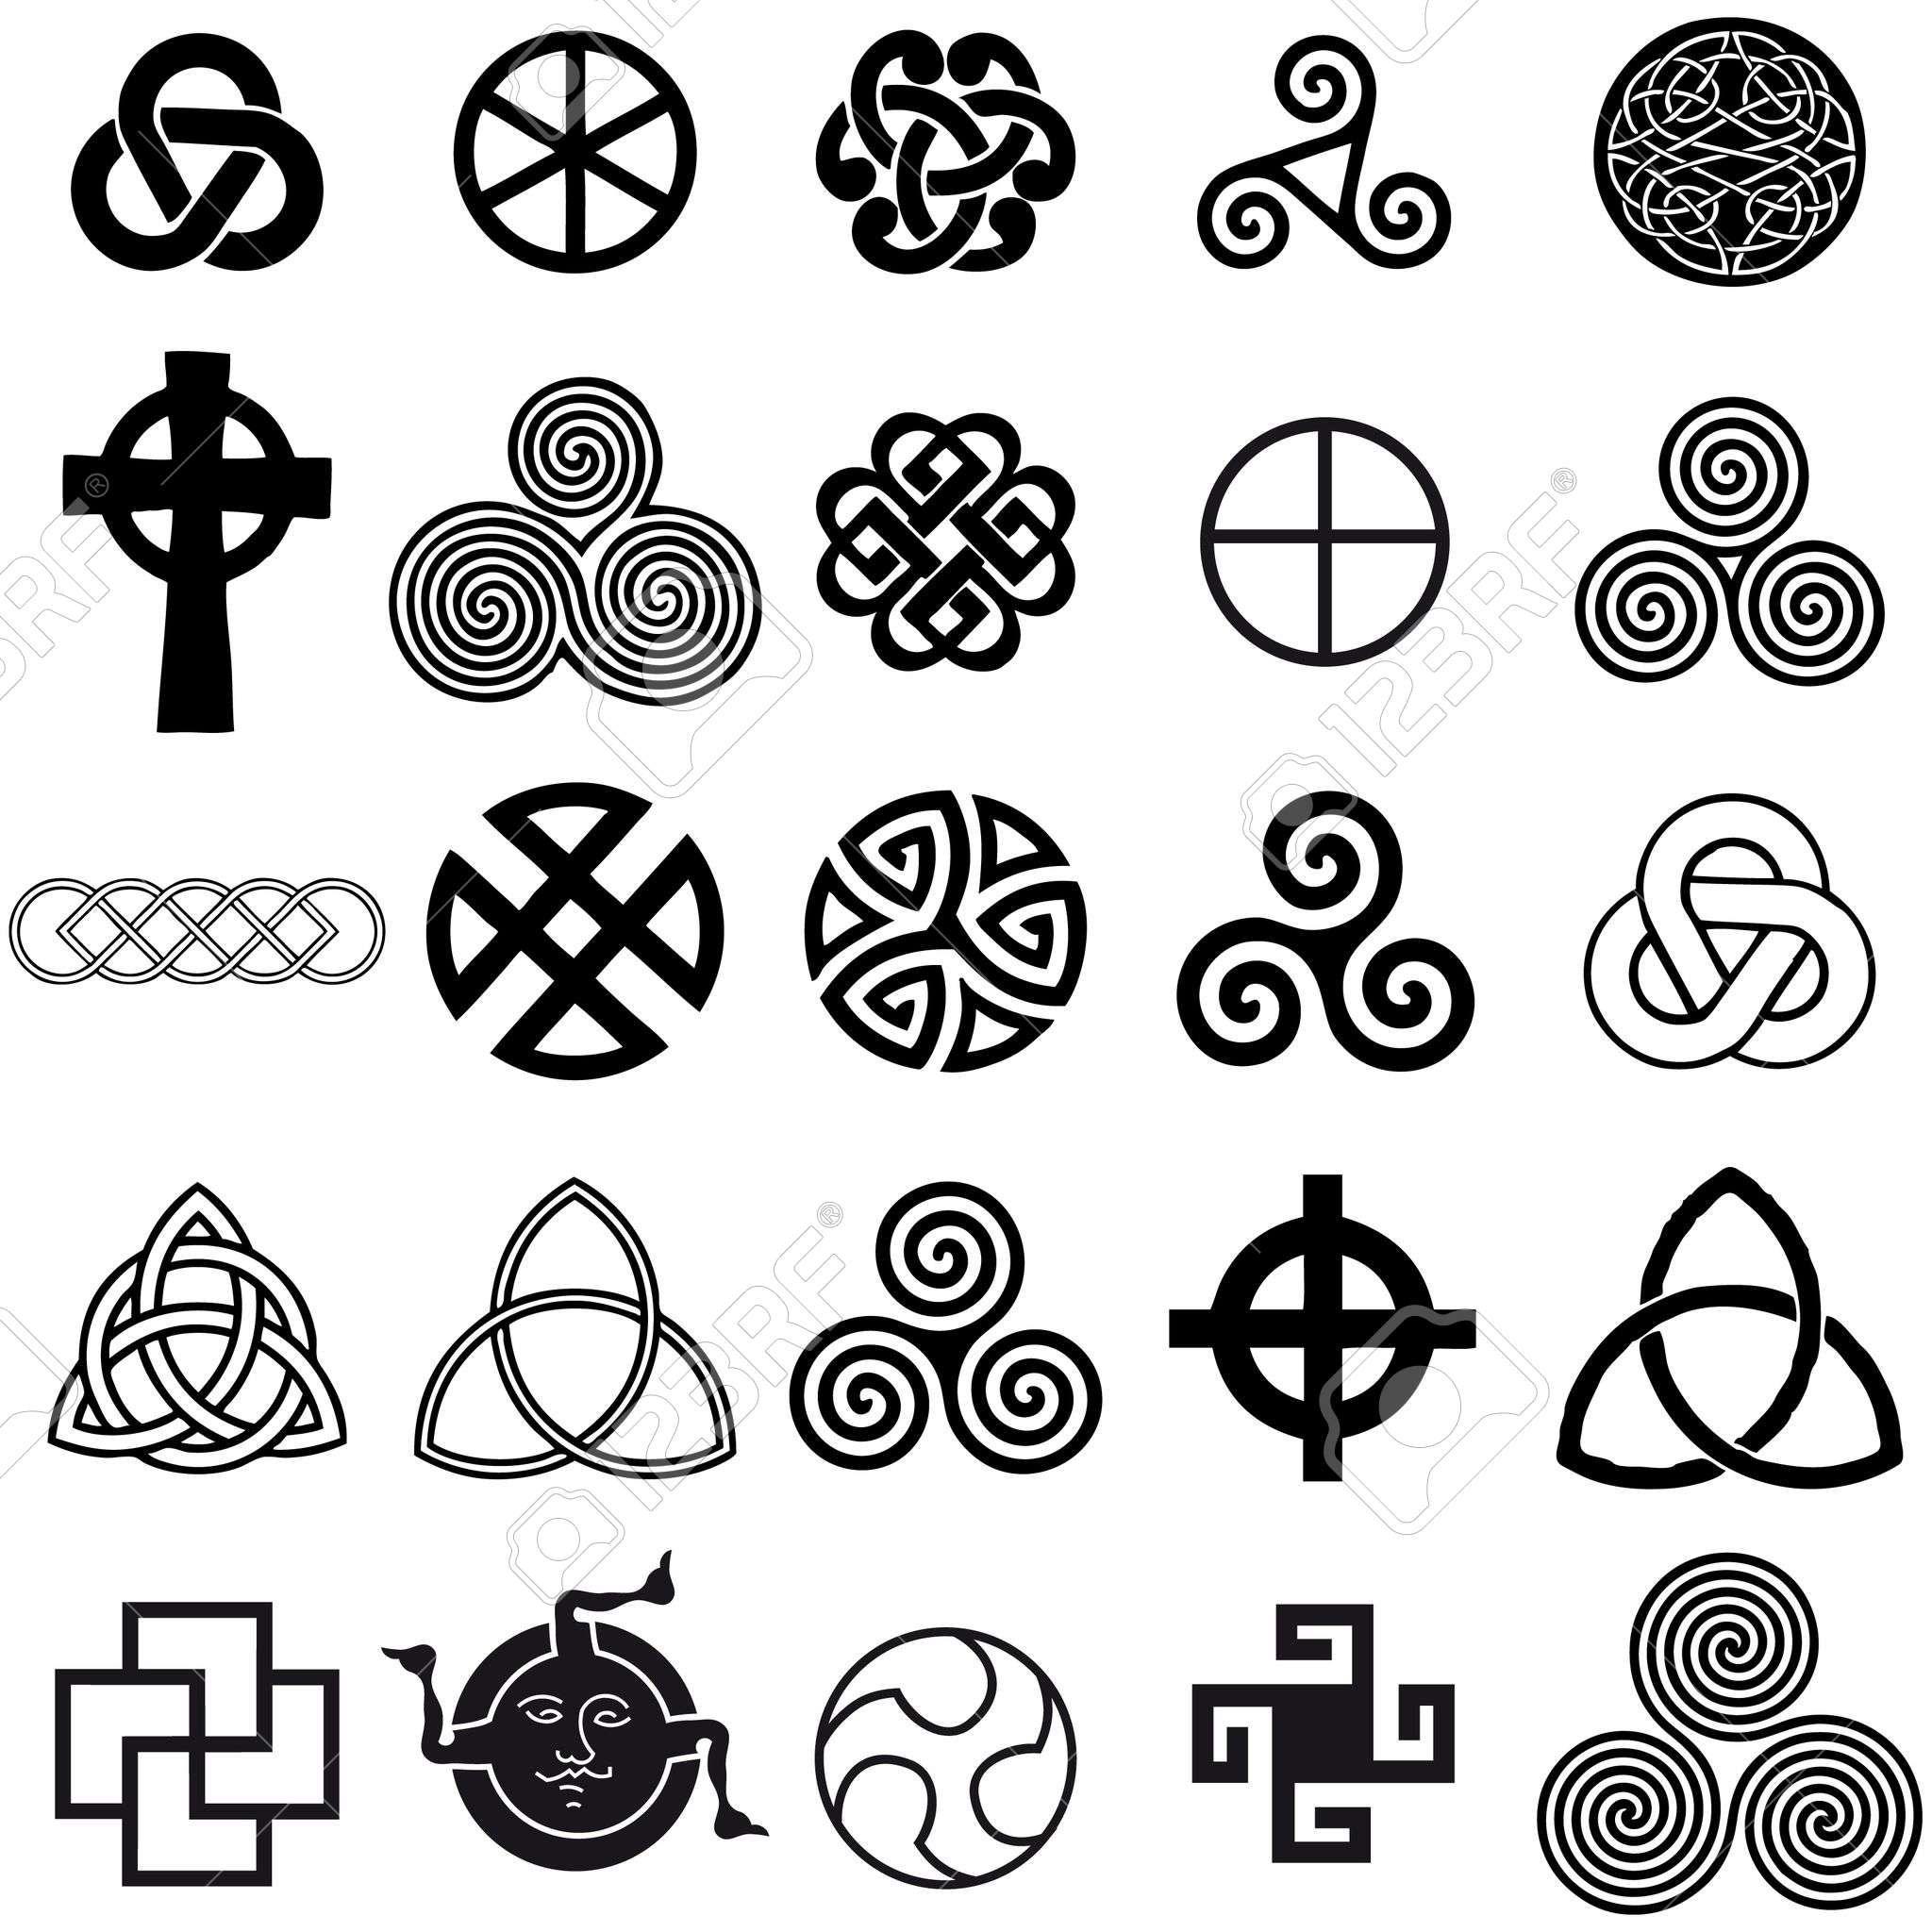 Jeu de symboles celtique icônes vectorielles. Jeu de ...